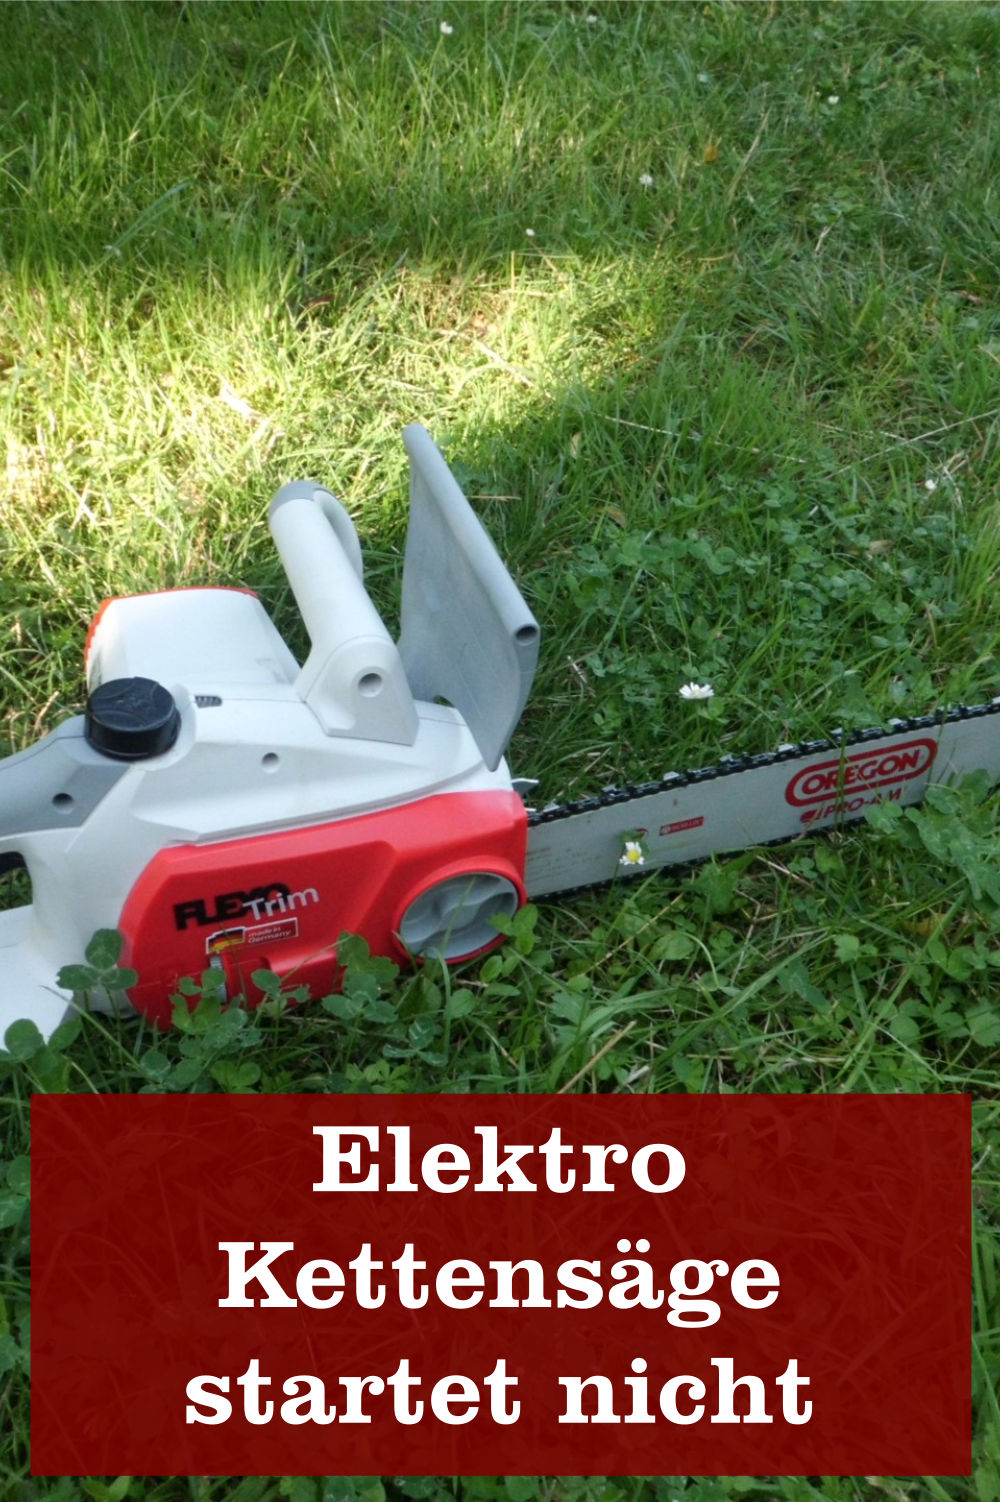 Elektro Kettensäge startet nicht